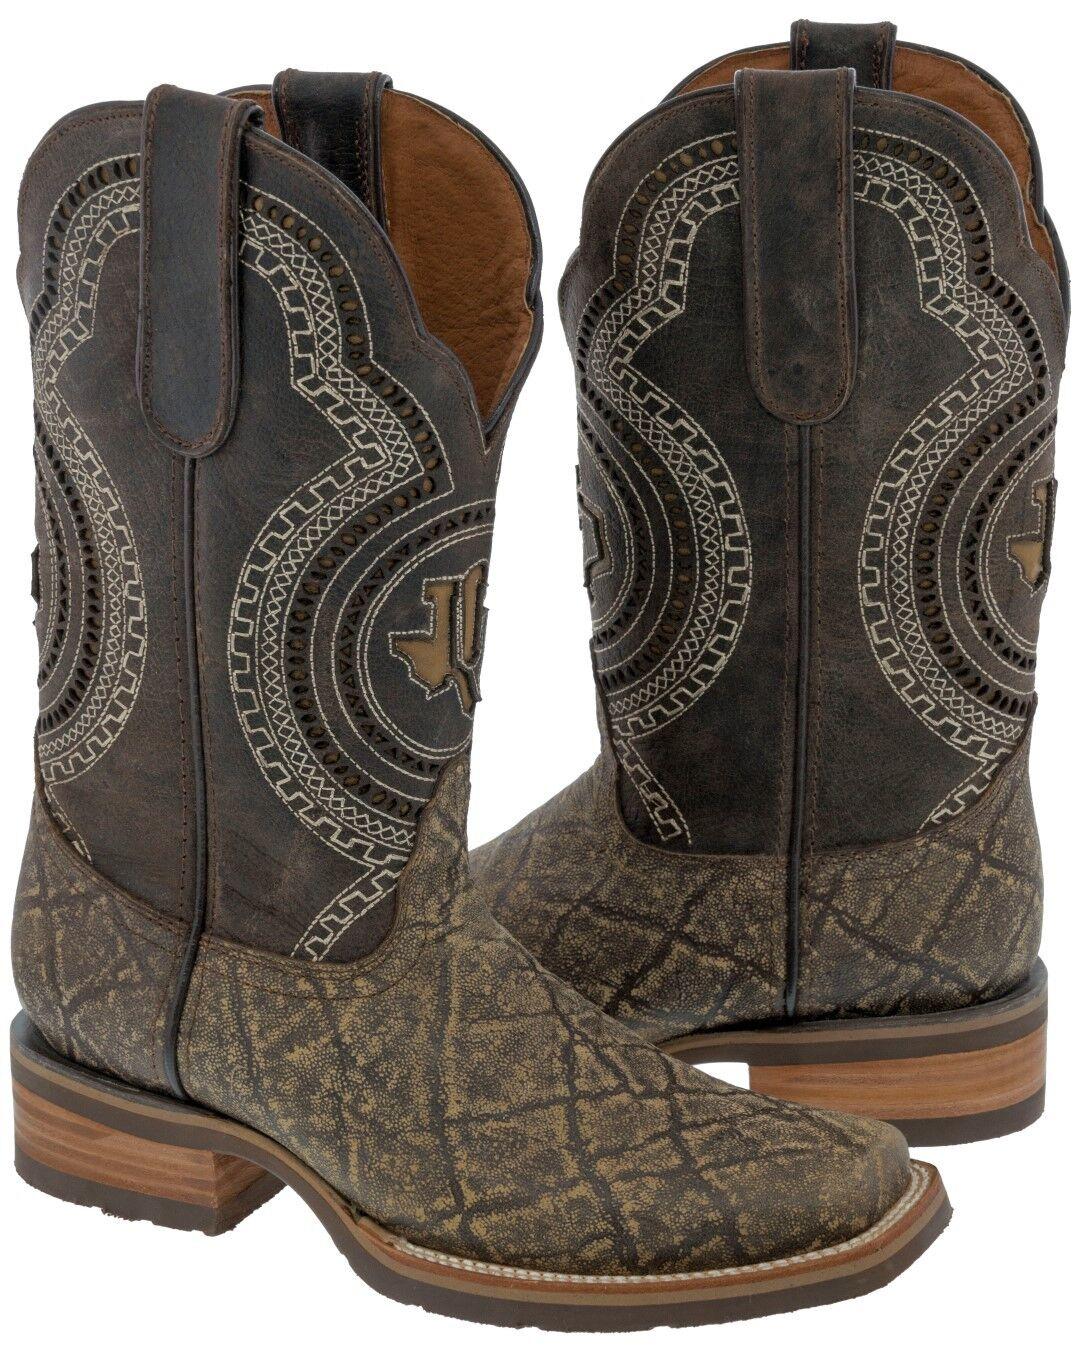 32fb0d62fd5 Men Steve Madden Madden Madden Shoes Loren Boots Brown Size 10 10909f ...